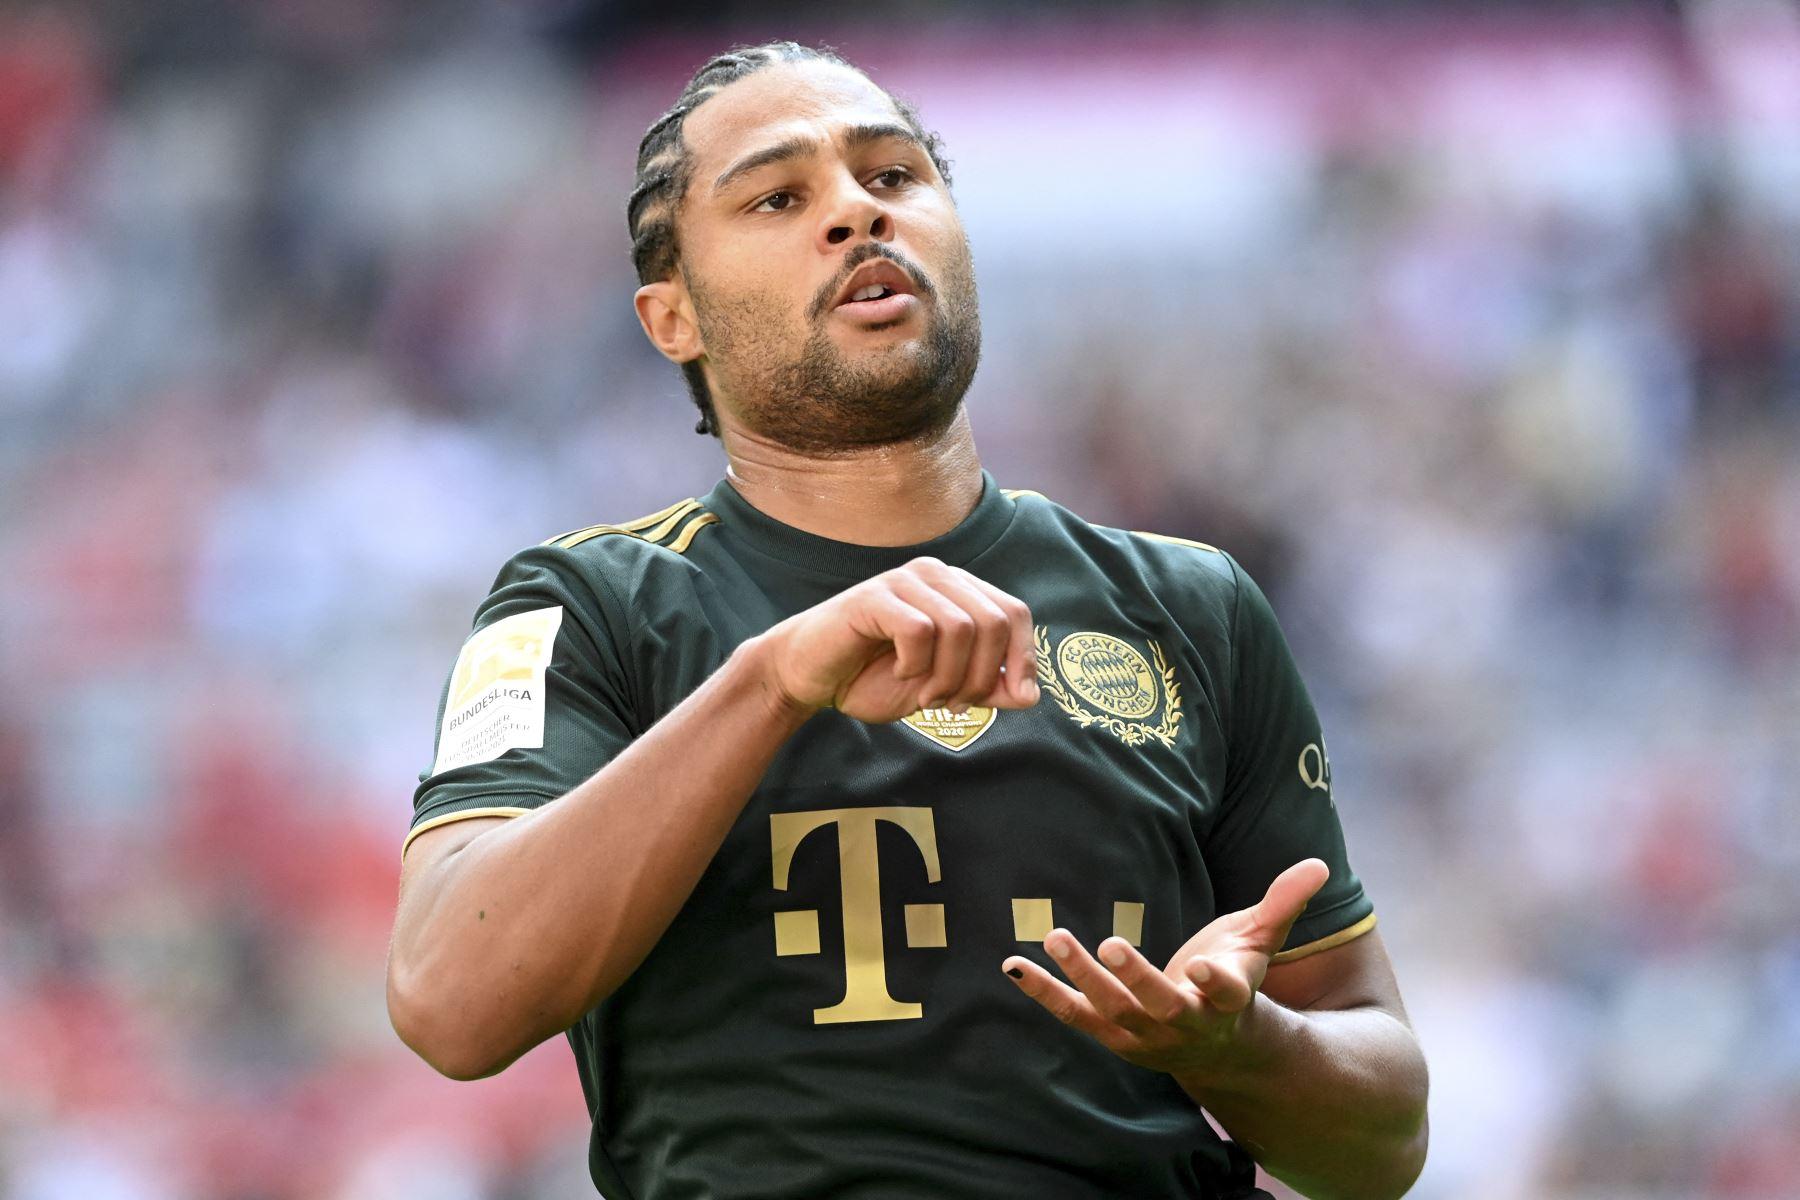 El centrocampista del Bayern de Múnich Serge Gnabry reacciona tras el tercer goldurante el partido de la primera división de la Bundesliga. Foto: AFP